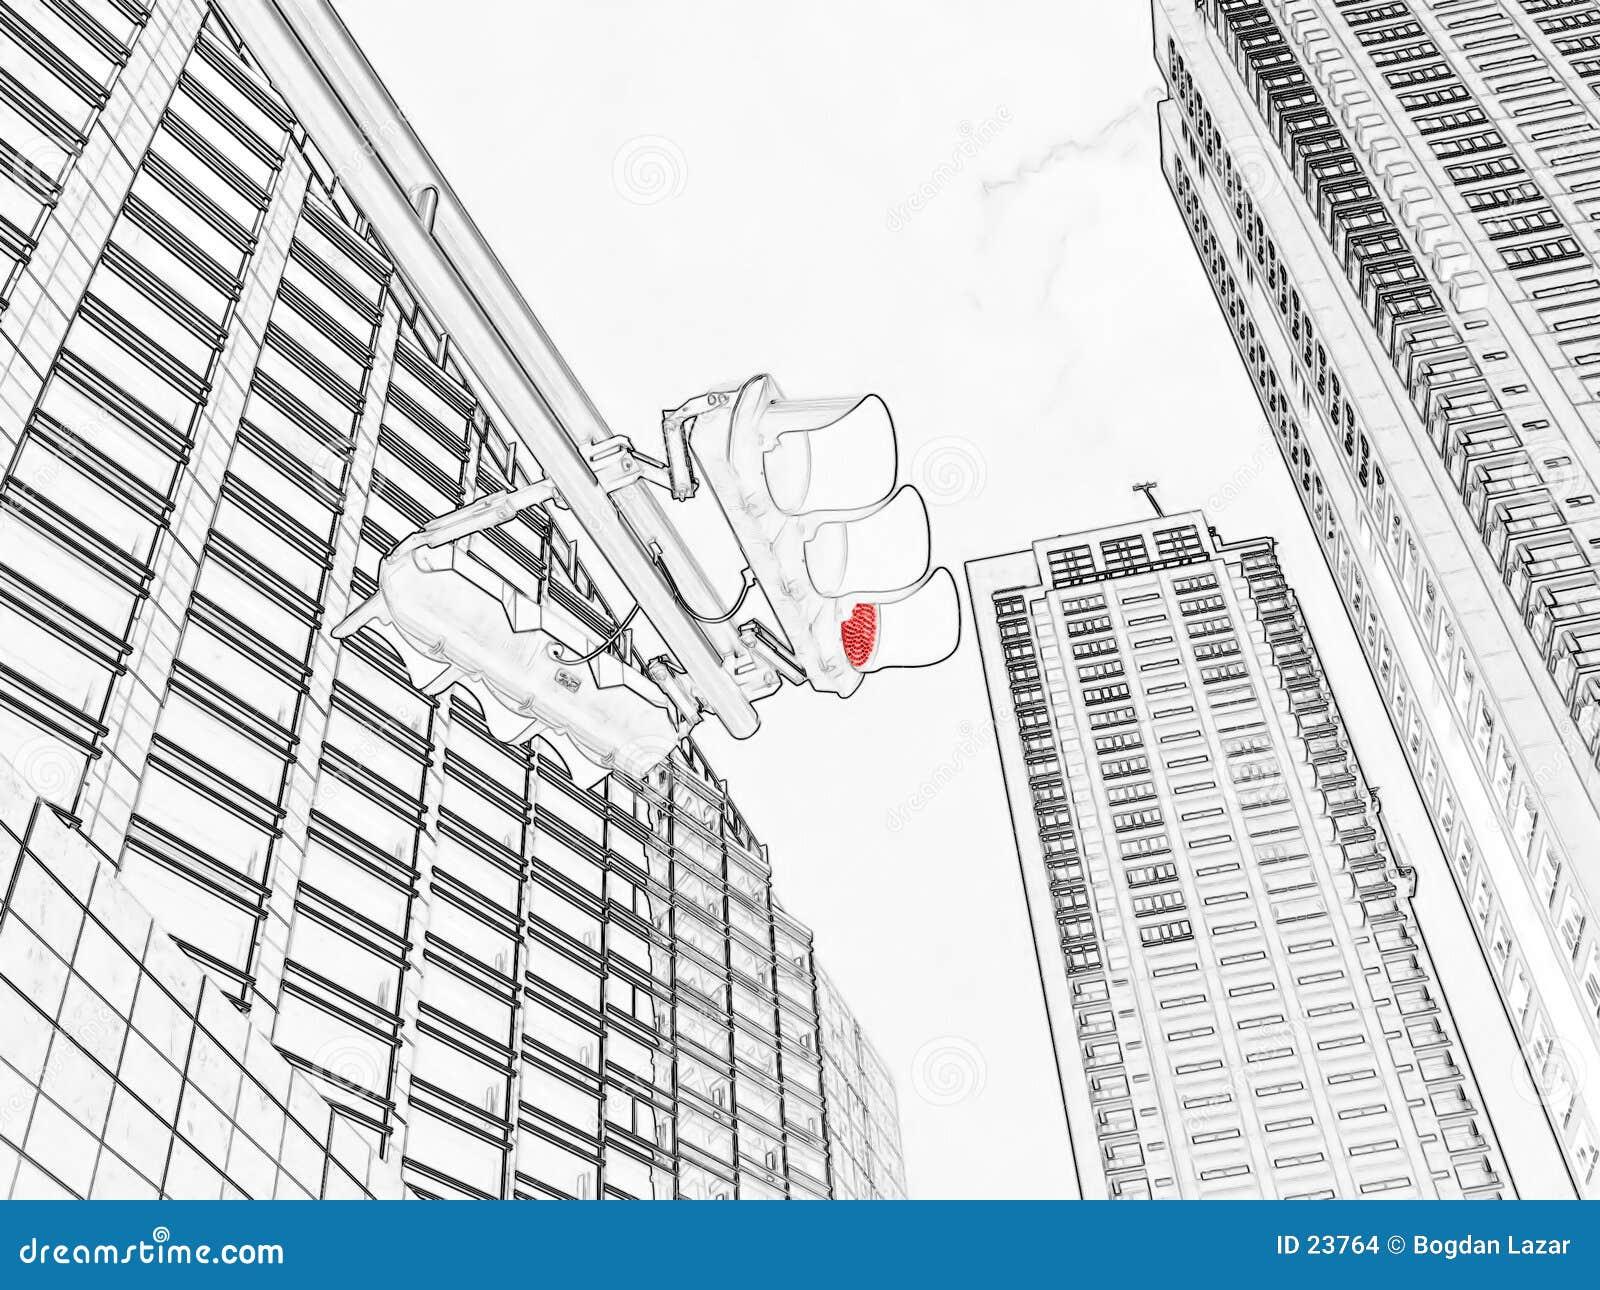 Semaforo rosso - illustrazione